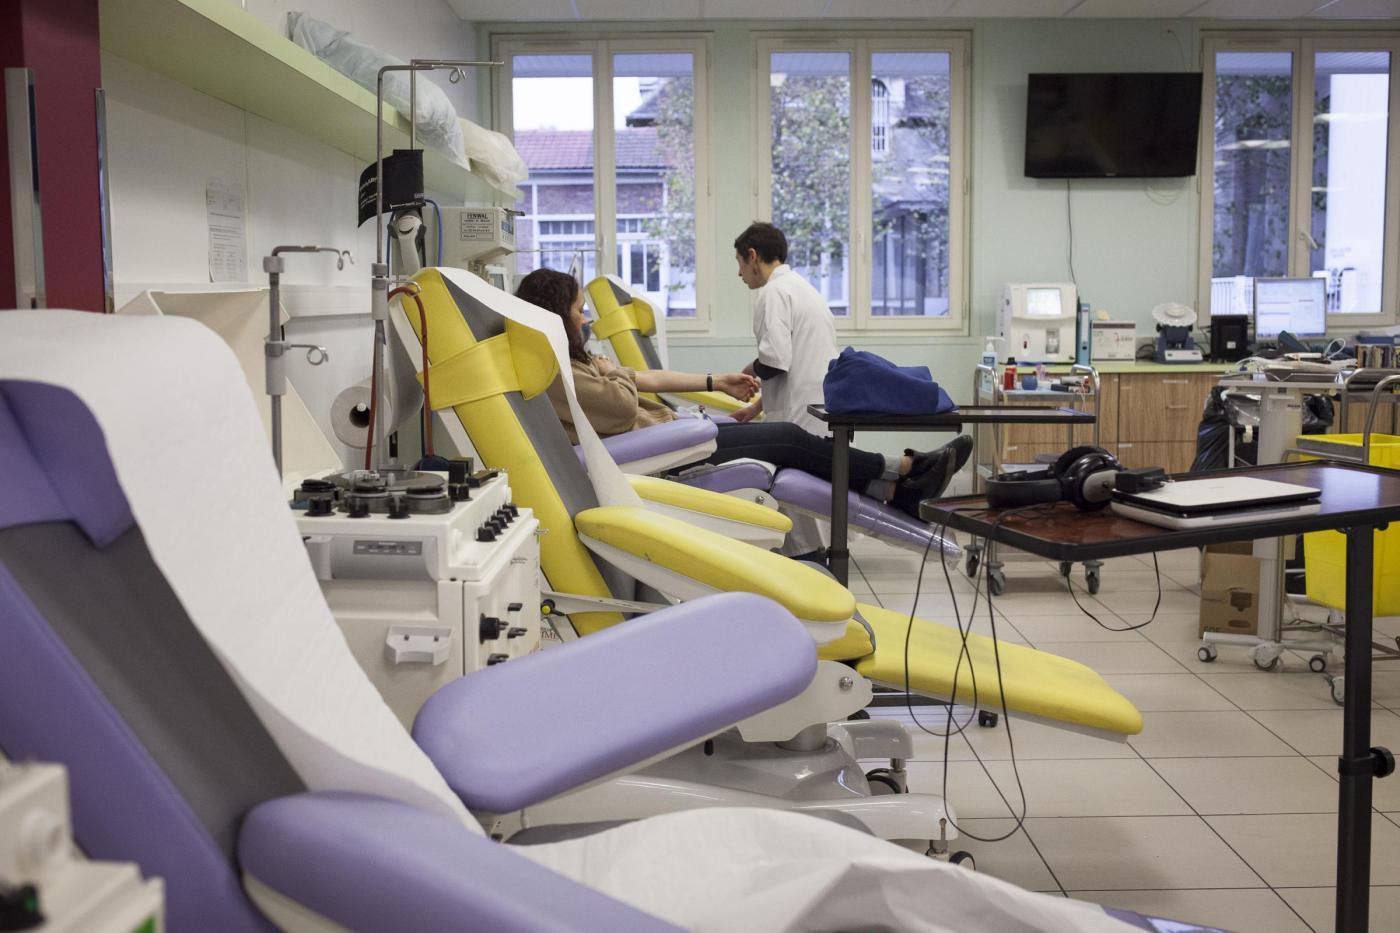 Ospedali in Italia: migliorano le cure e diminuiscono i ricoveri inutili